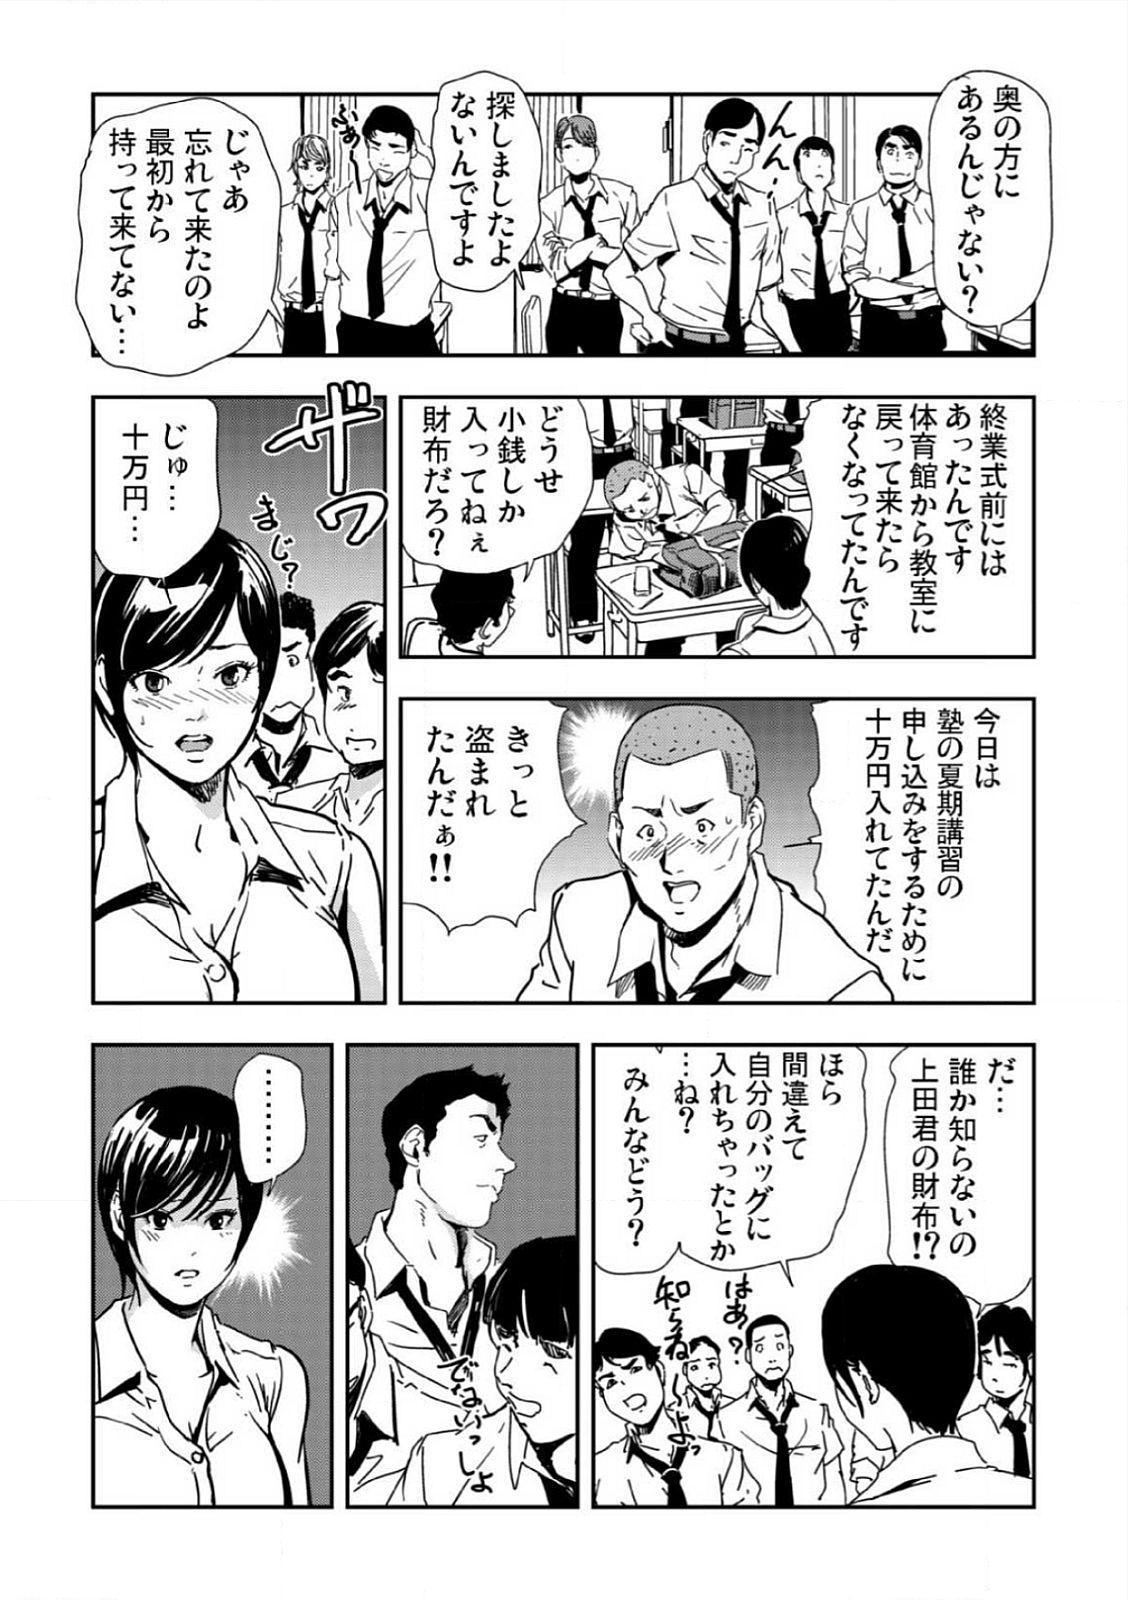 [Misaki Yukihiro] Kyousei Shidou ~Mechakucha ni Kegasarete~ (1)~(6) [Digital] 142